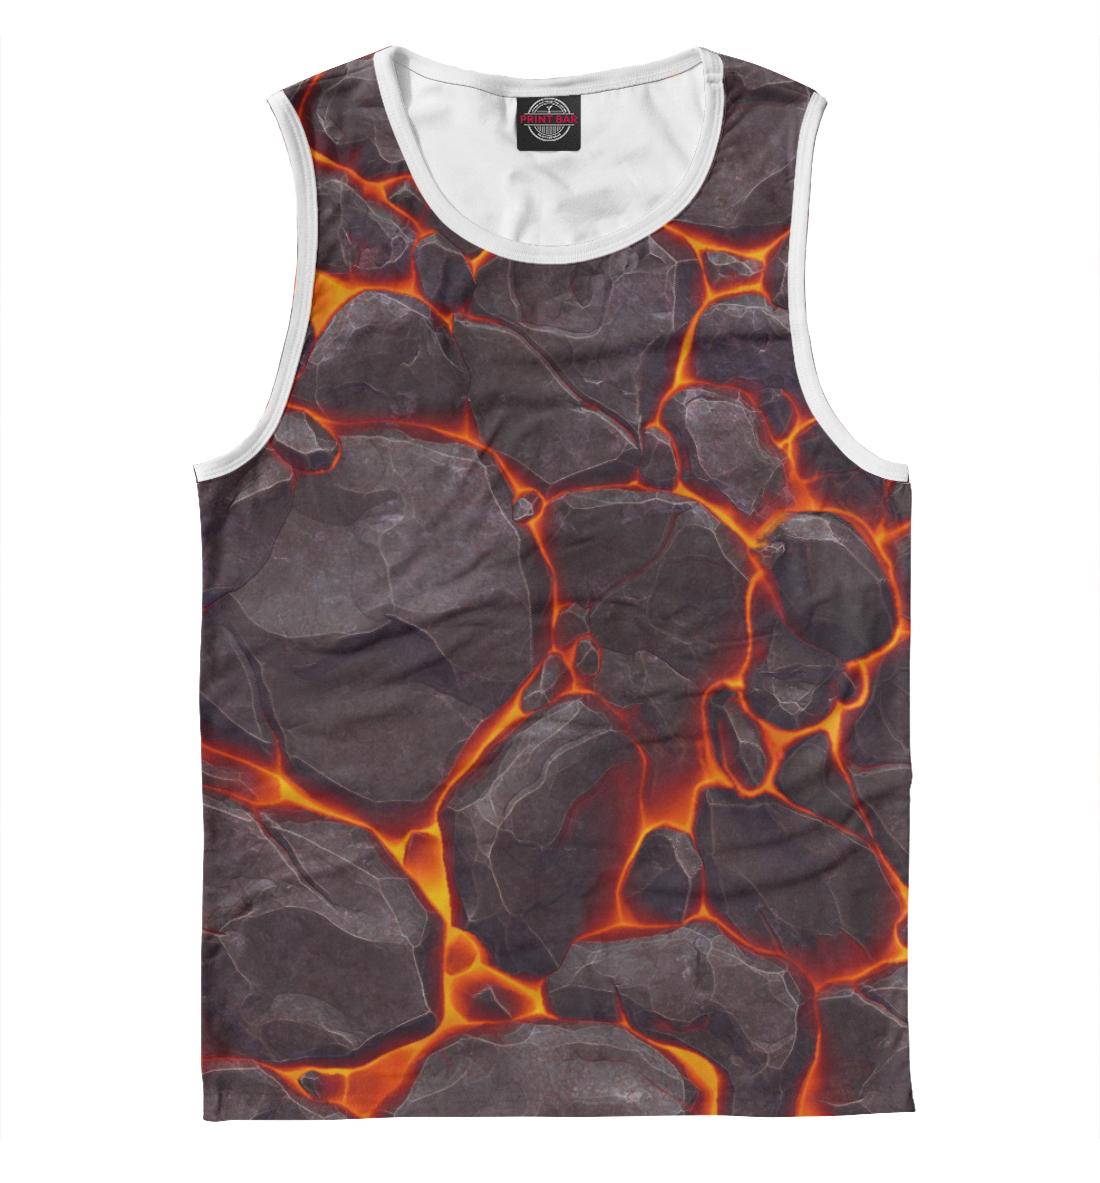 Купить Lava, Printbar, Майки, APD-972882-may-2